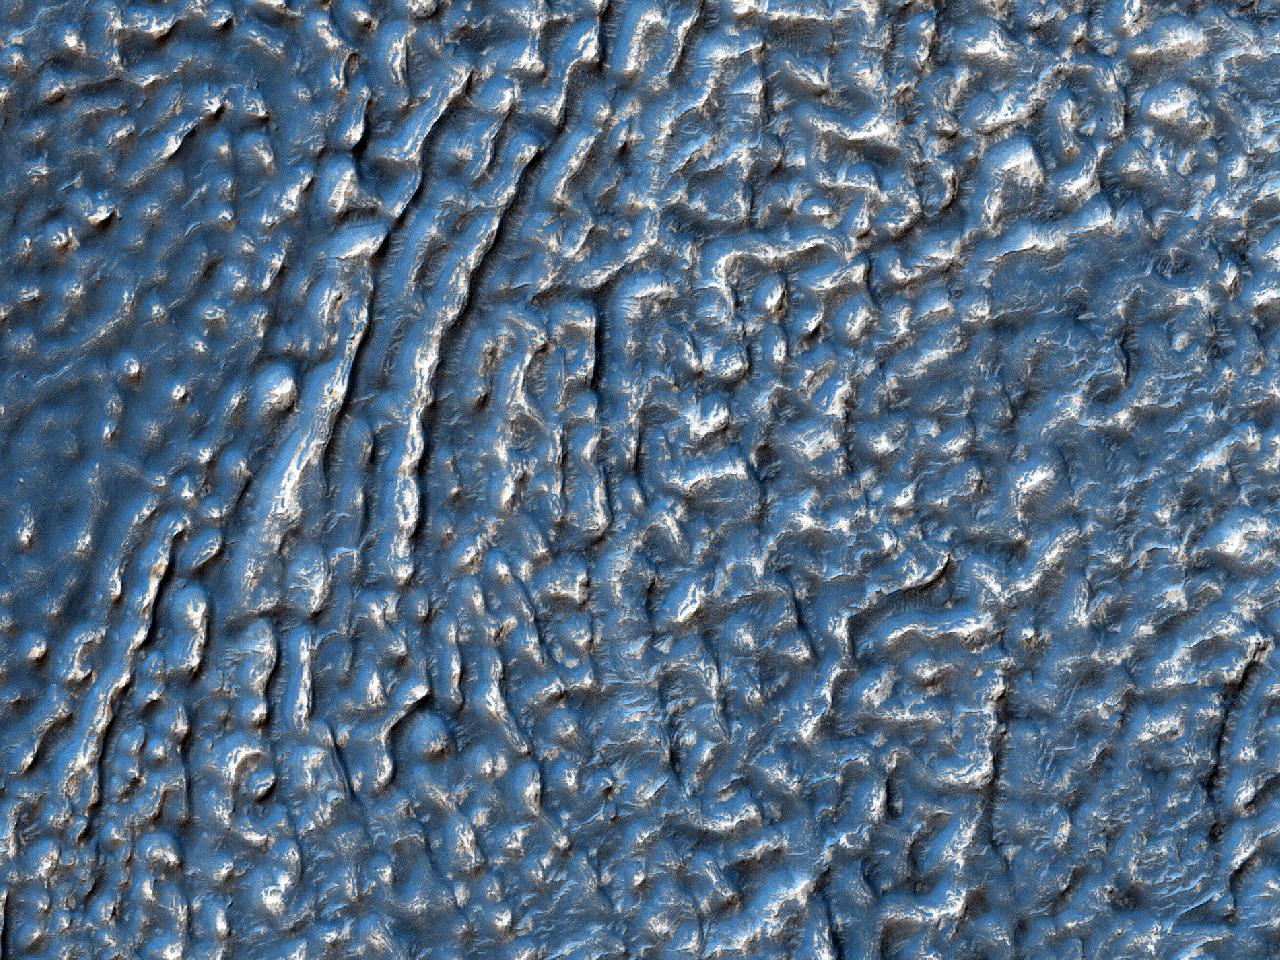 In mediae latitudinis crateris fundo conformationes terrestres